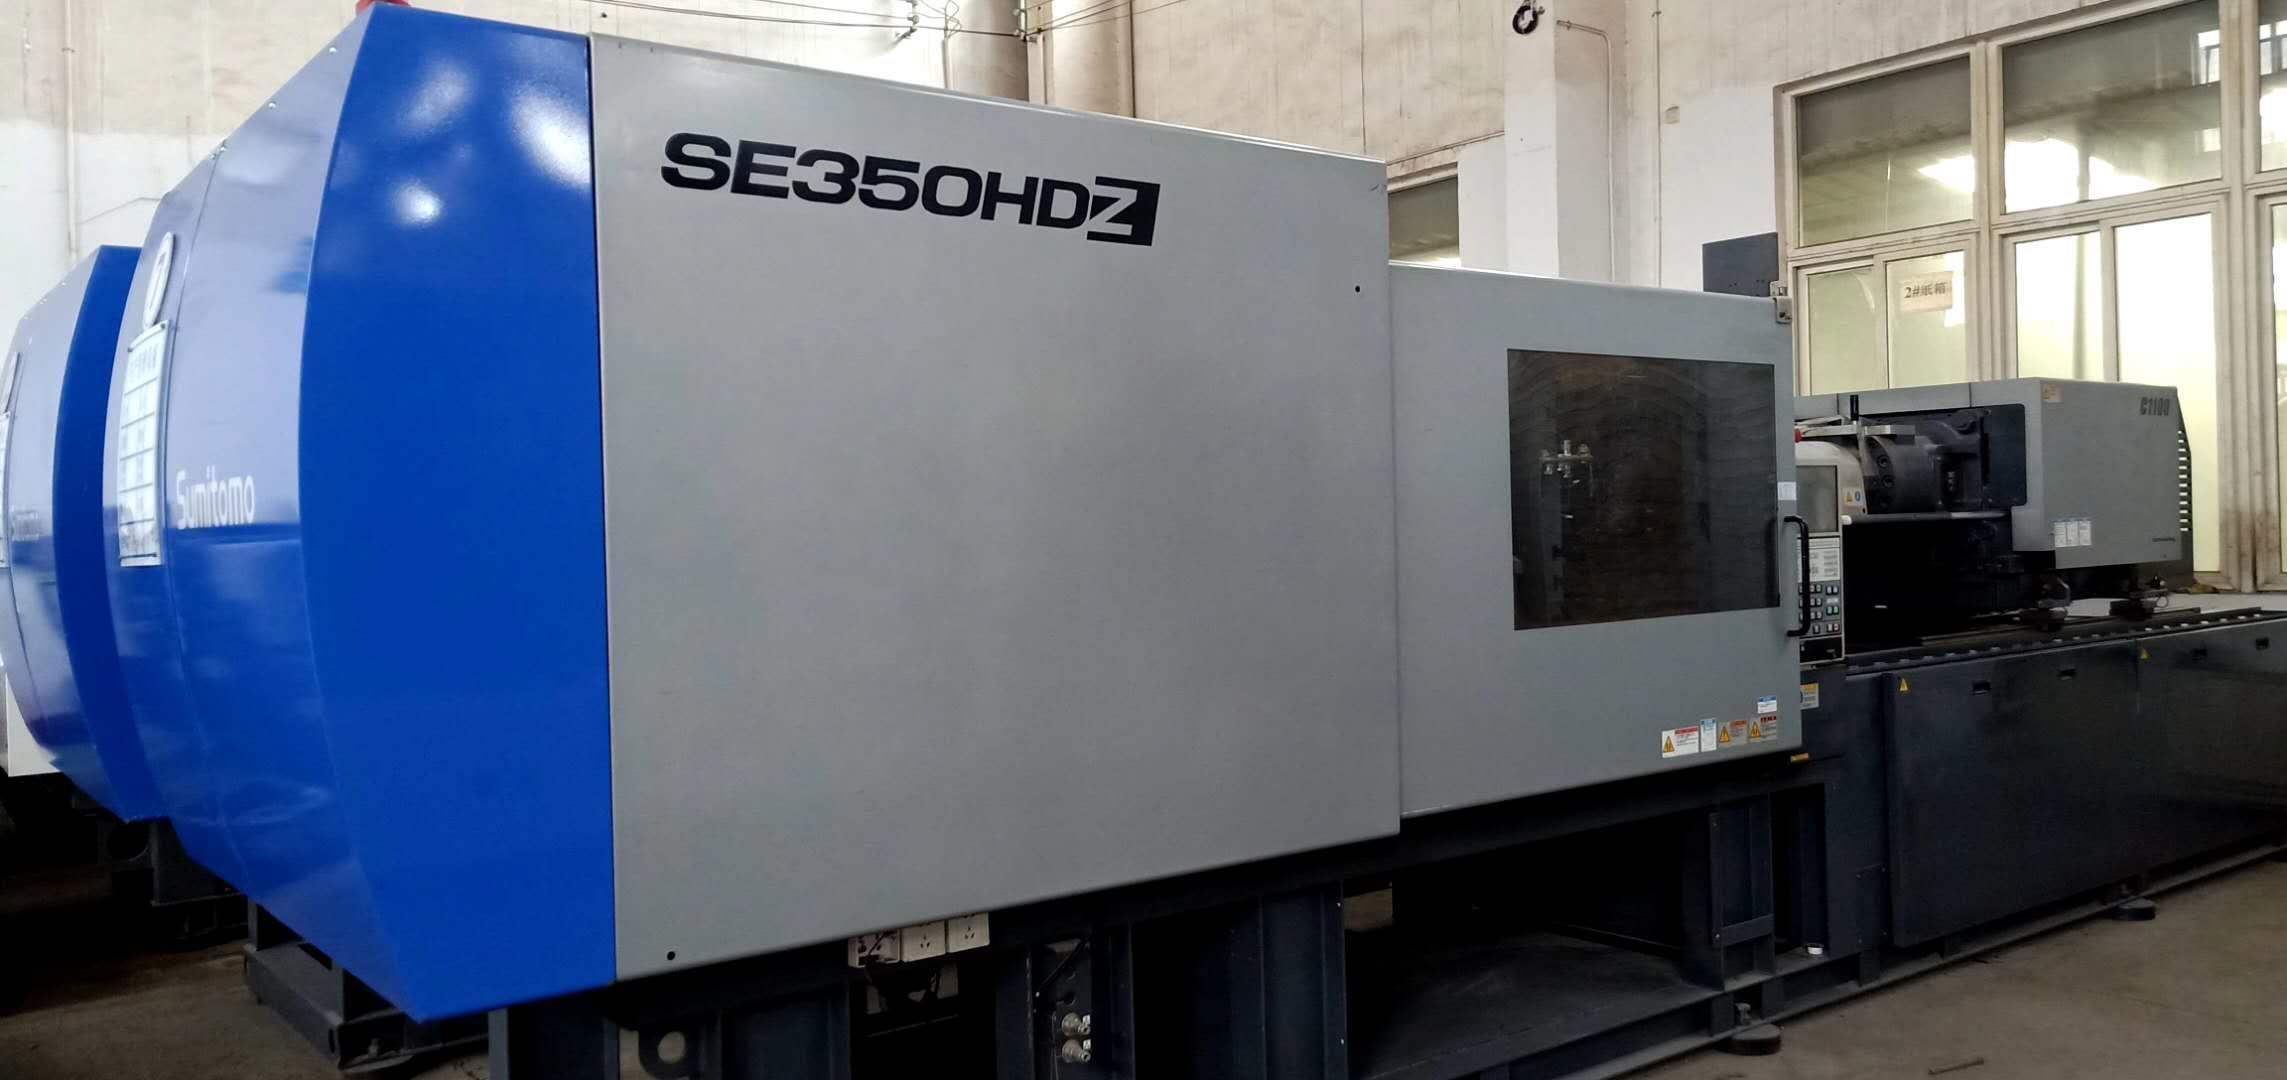 住友SE350HDZ,螺杆50mm,射速250mm